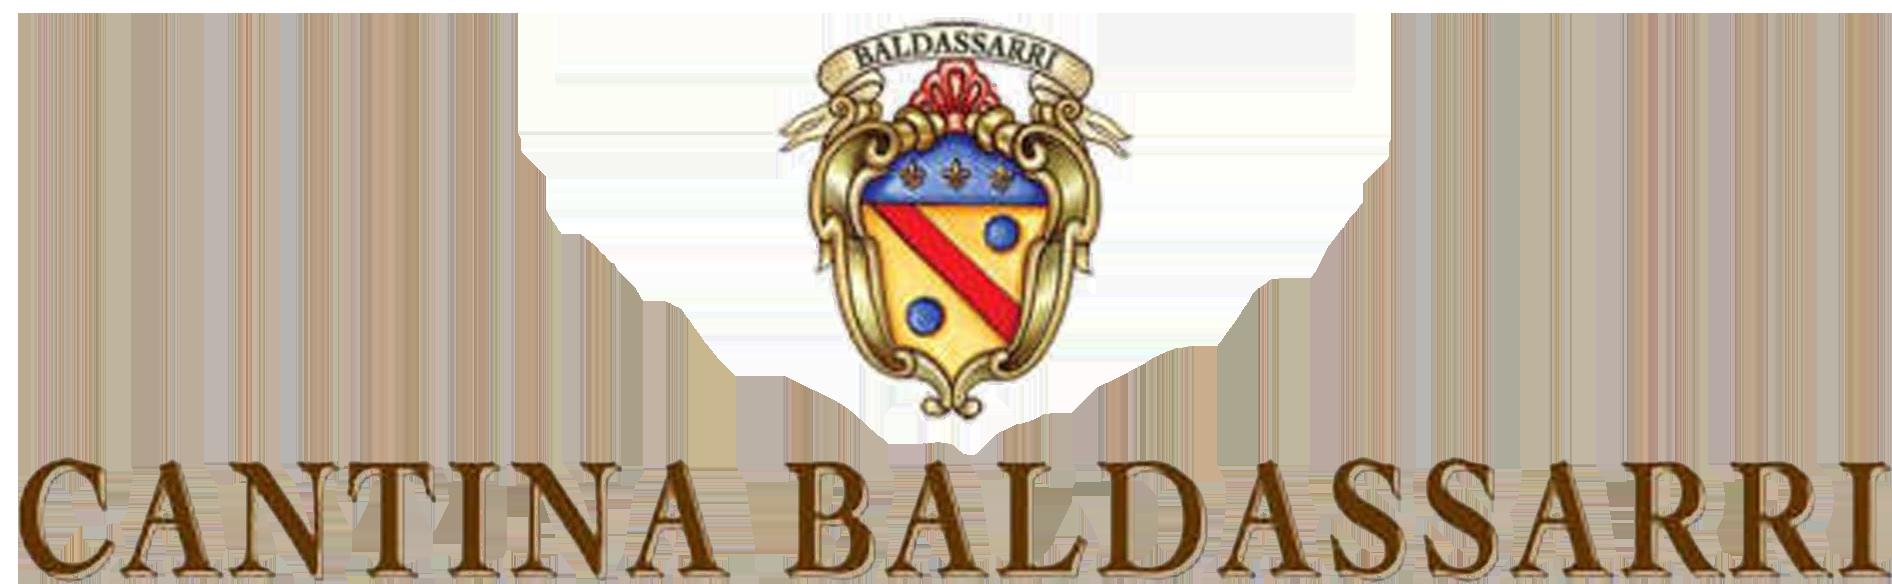 Cantina Baldassarri